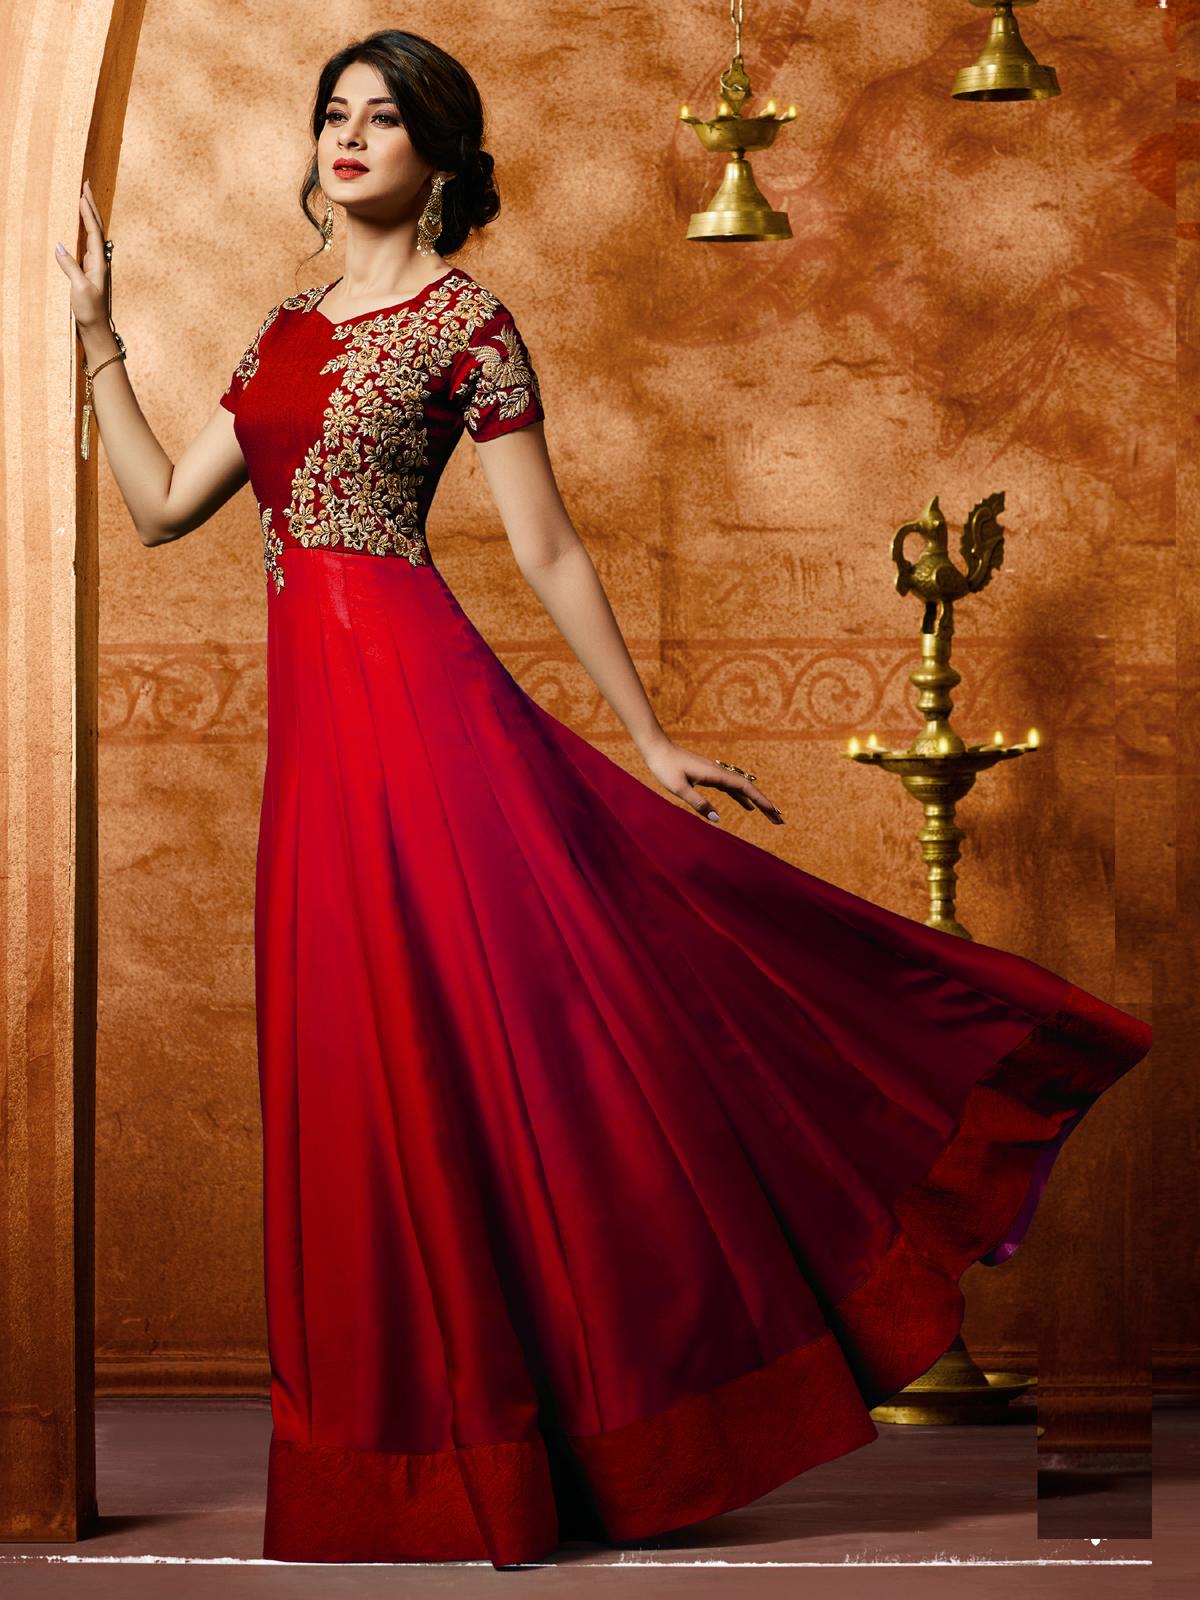 jennifer winget Bollywood Red Designer Silk Anarkali Salwar Suit With Dupatta